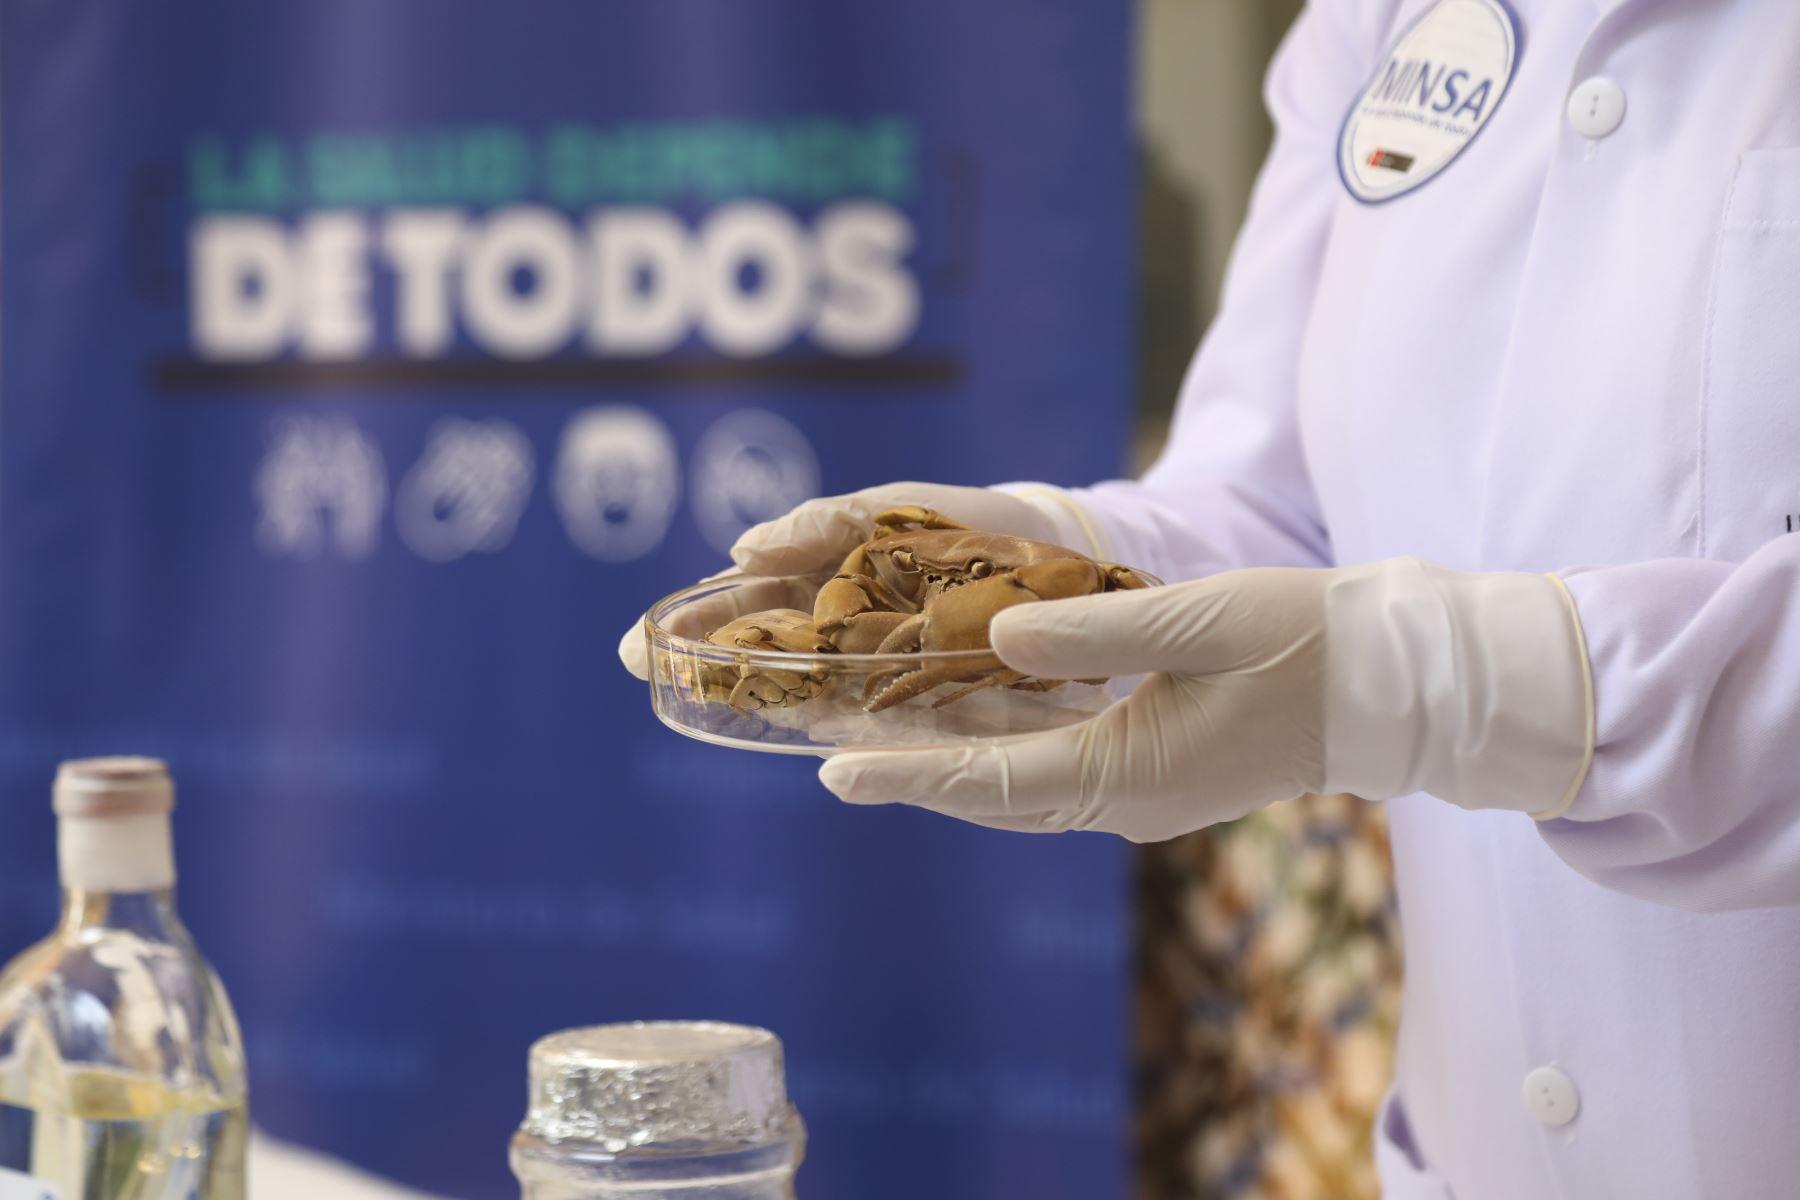 Minsa: 90% de parásitos se transmiten por consumo de alimentos y bebidas contaminadas | Noticias